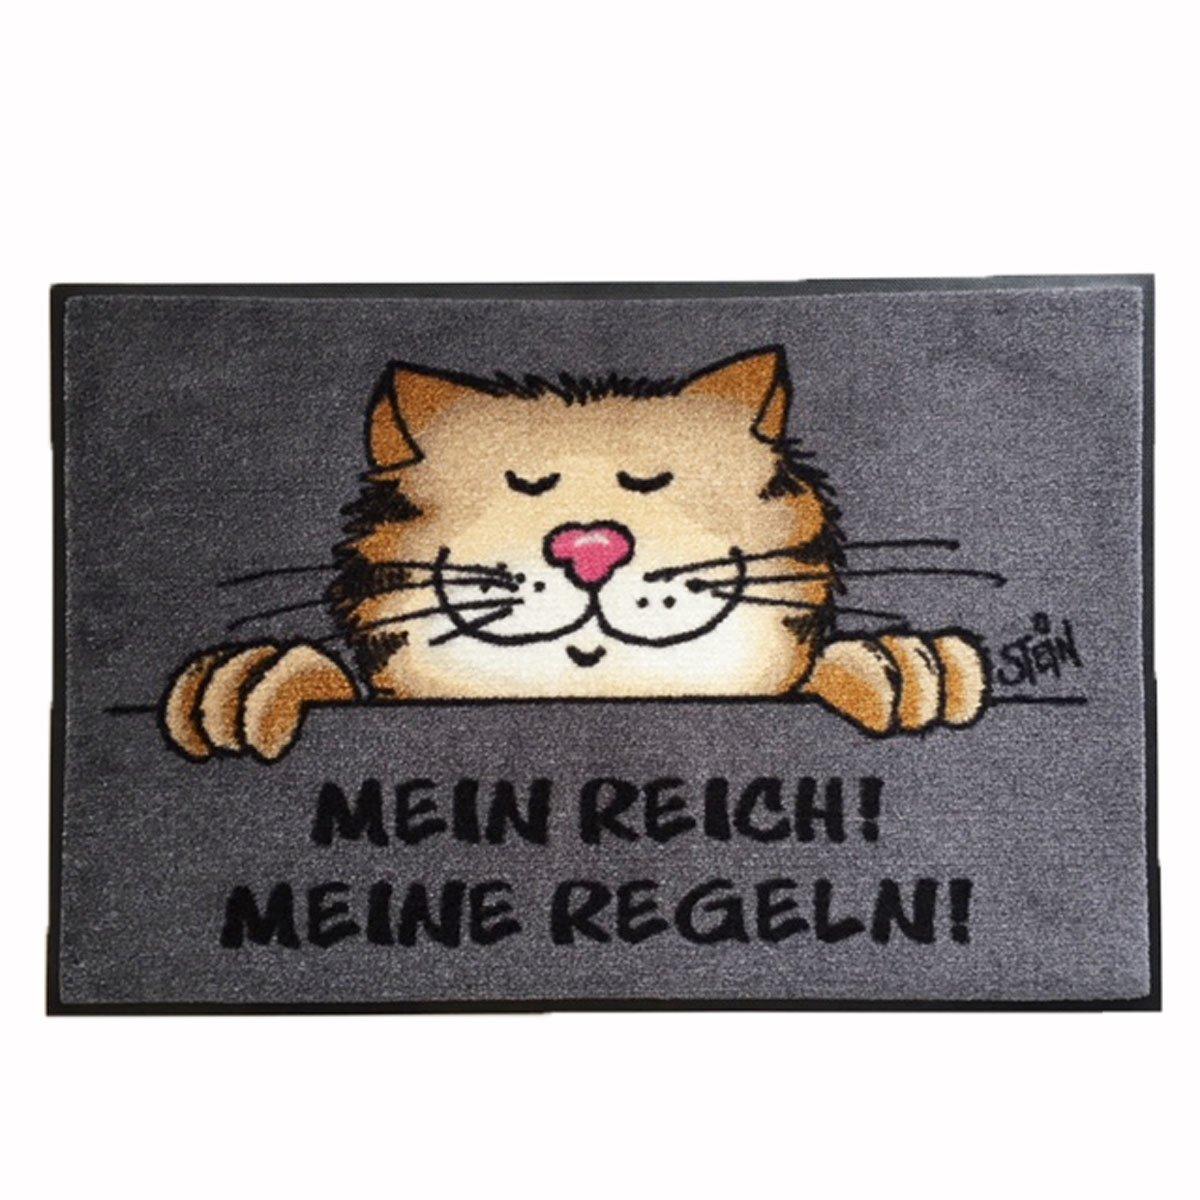 40x60 cm wash+dry Waschbare Fußmatte ©Uli Stein Katze Mein Reich Meine Regeln